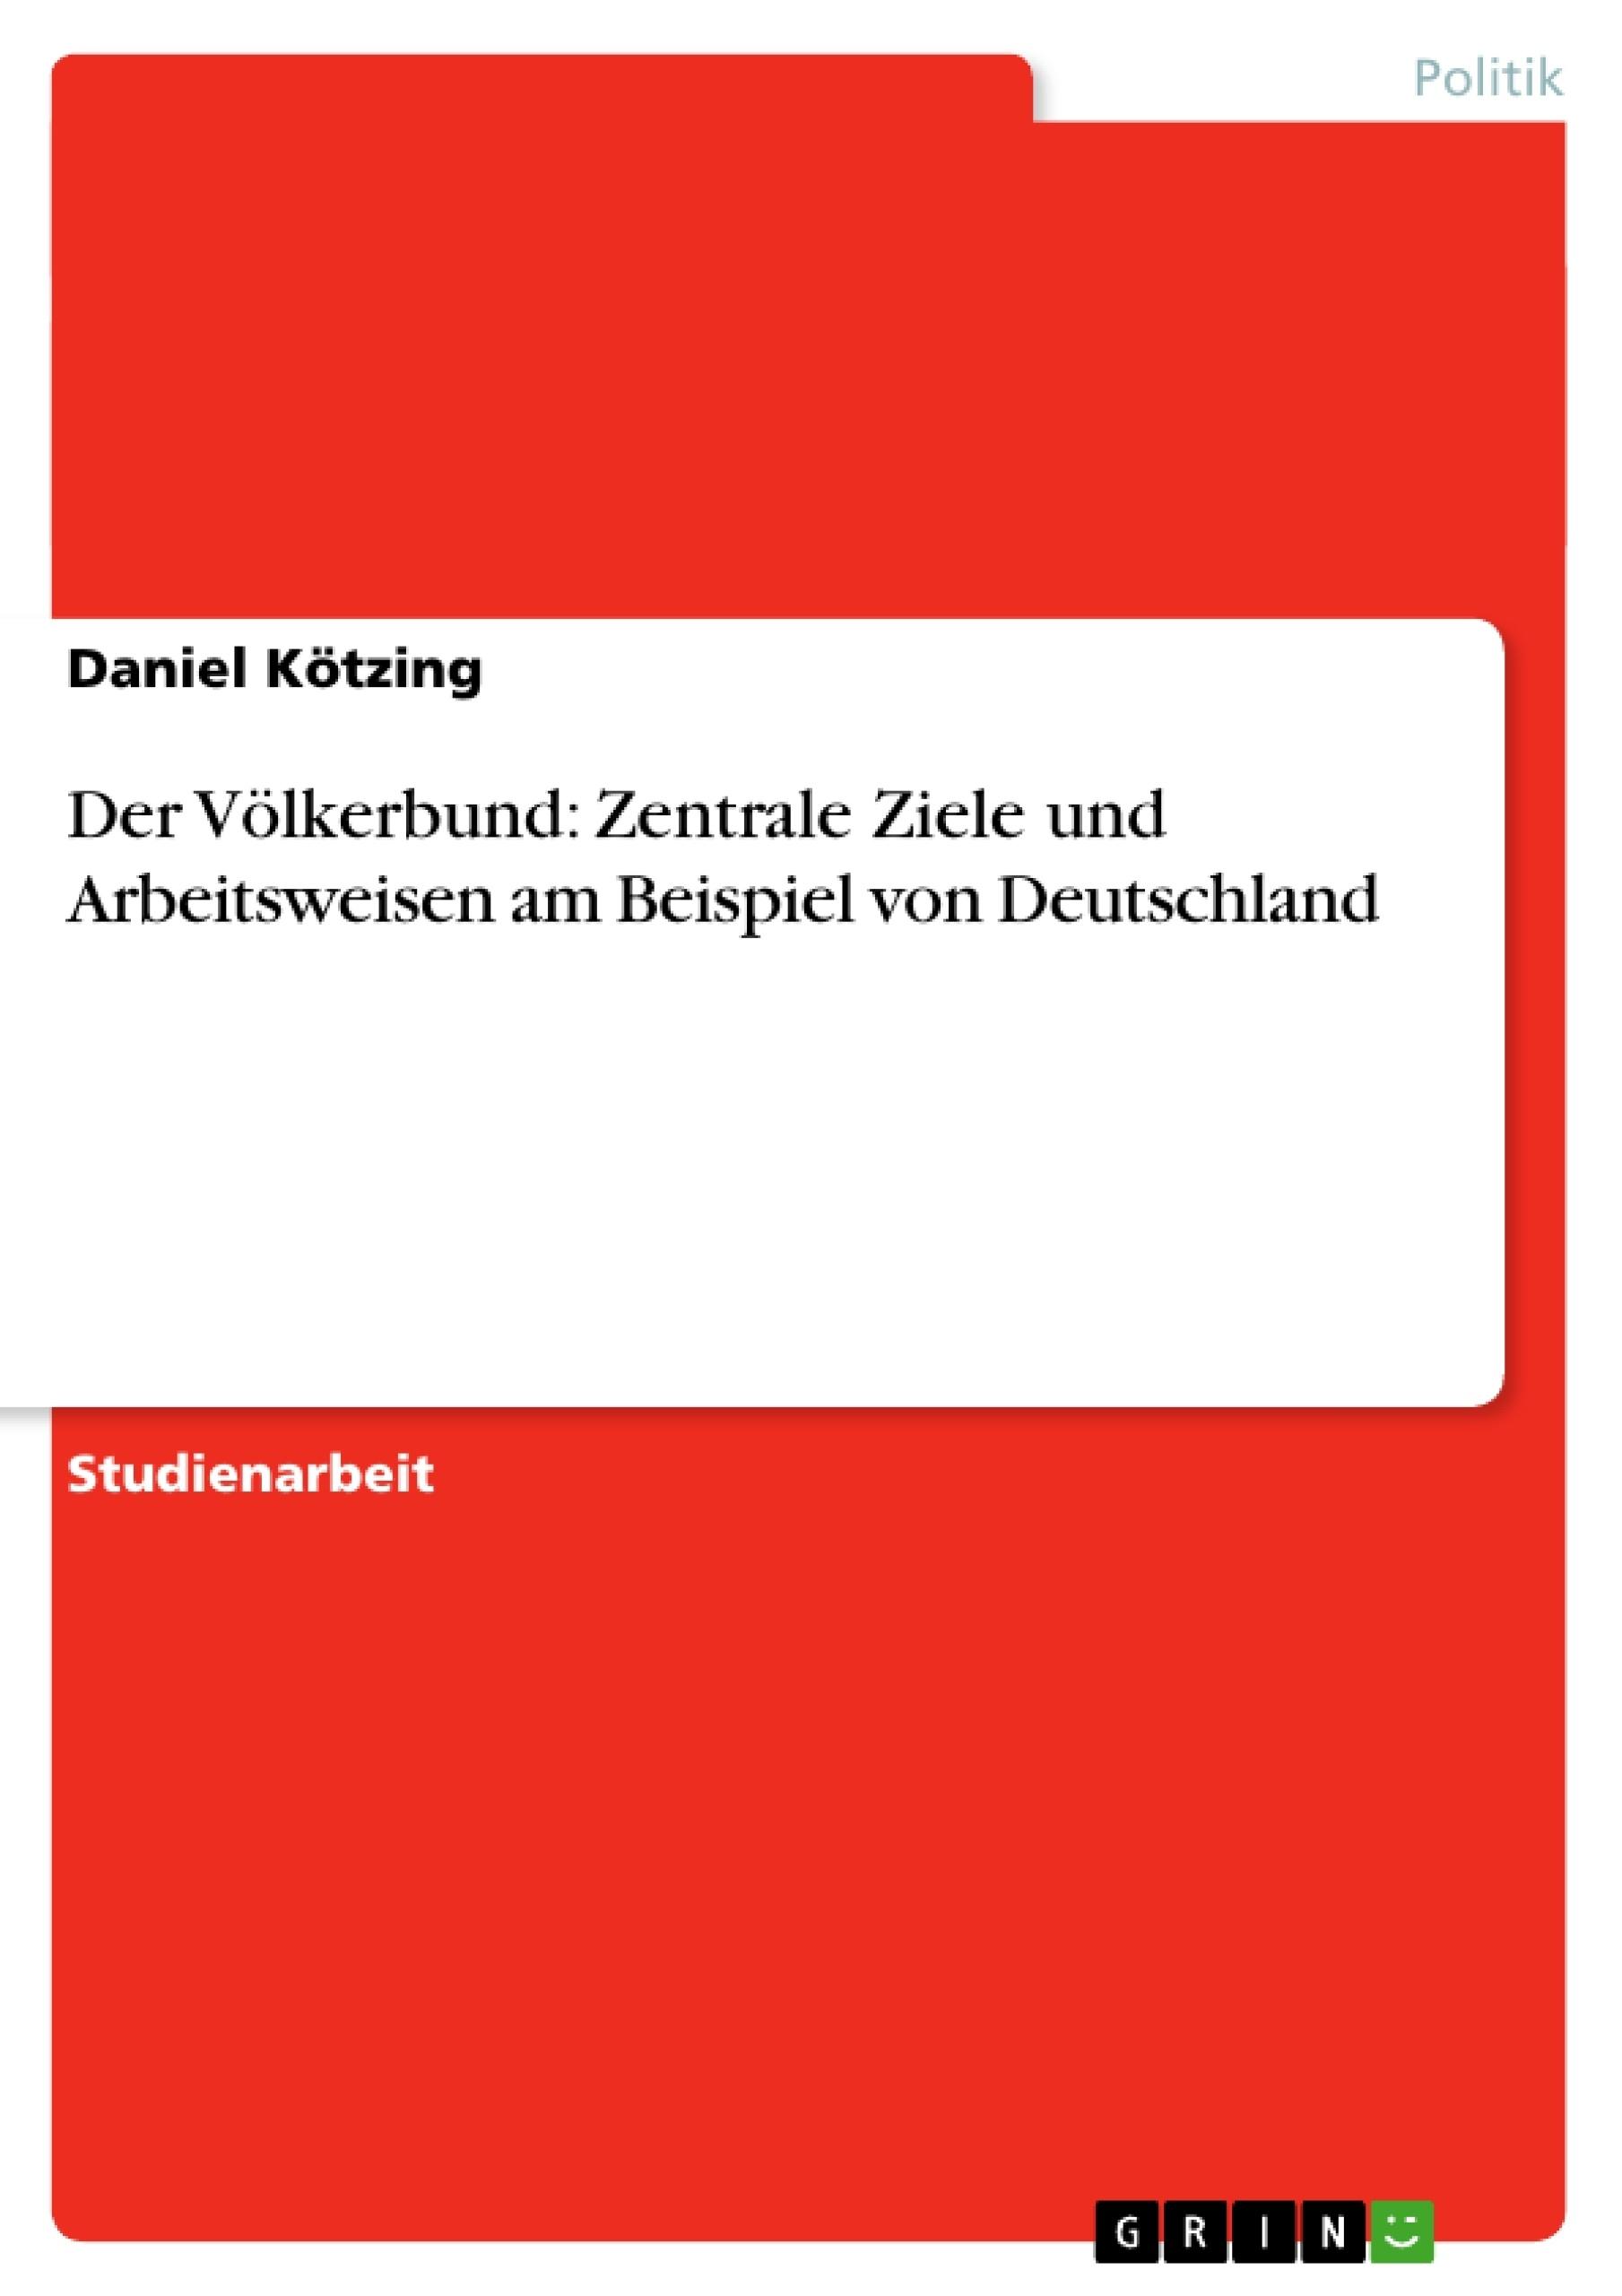 Titel: Der Völkerbund: Zentrale Ziele und Arbeitsweisen am Beispiel von Deutschland